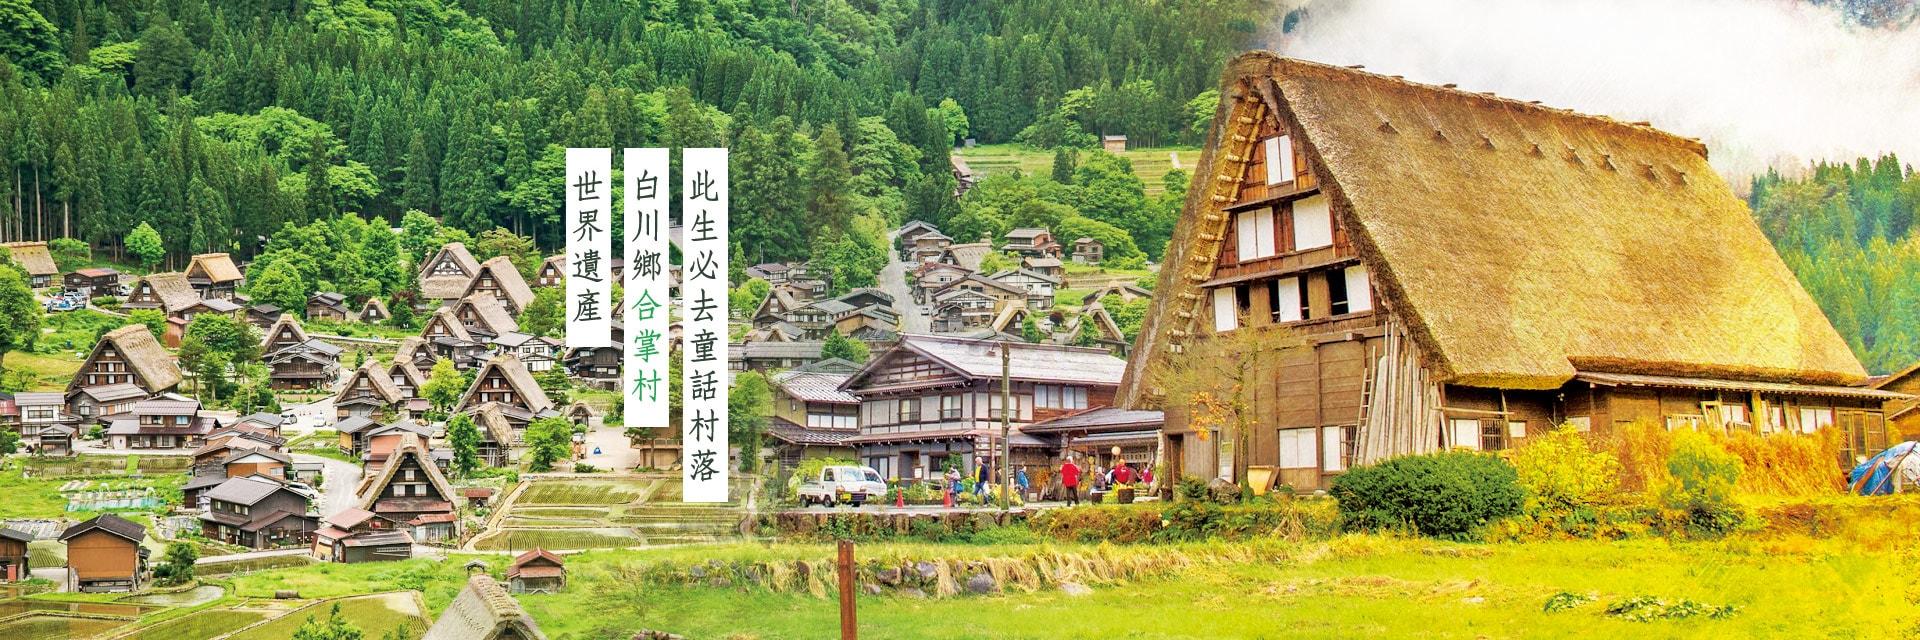 上順旅遊、日本旅遊、北陸、合掌村